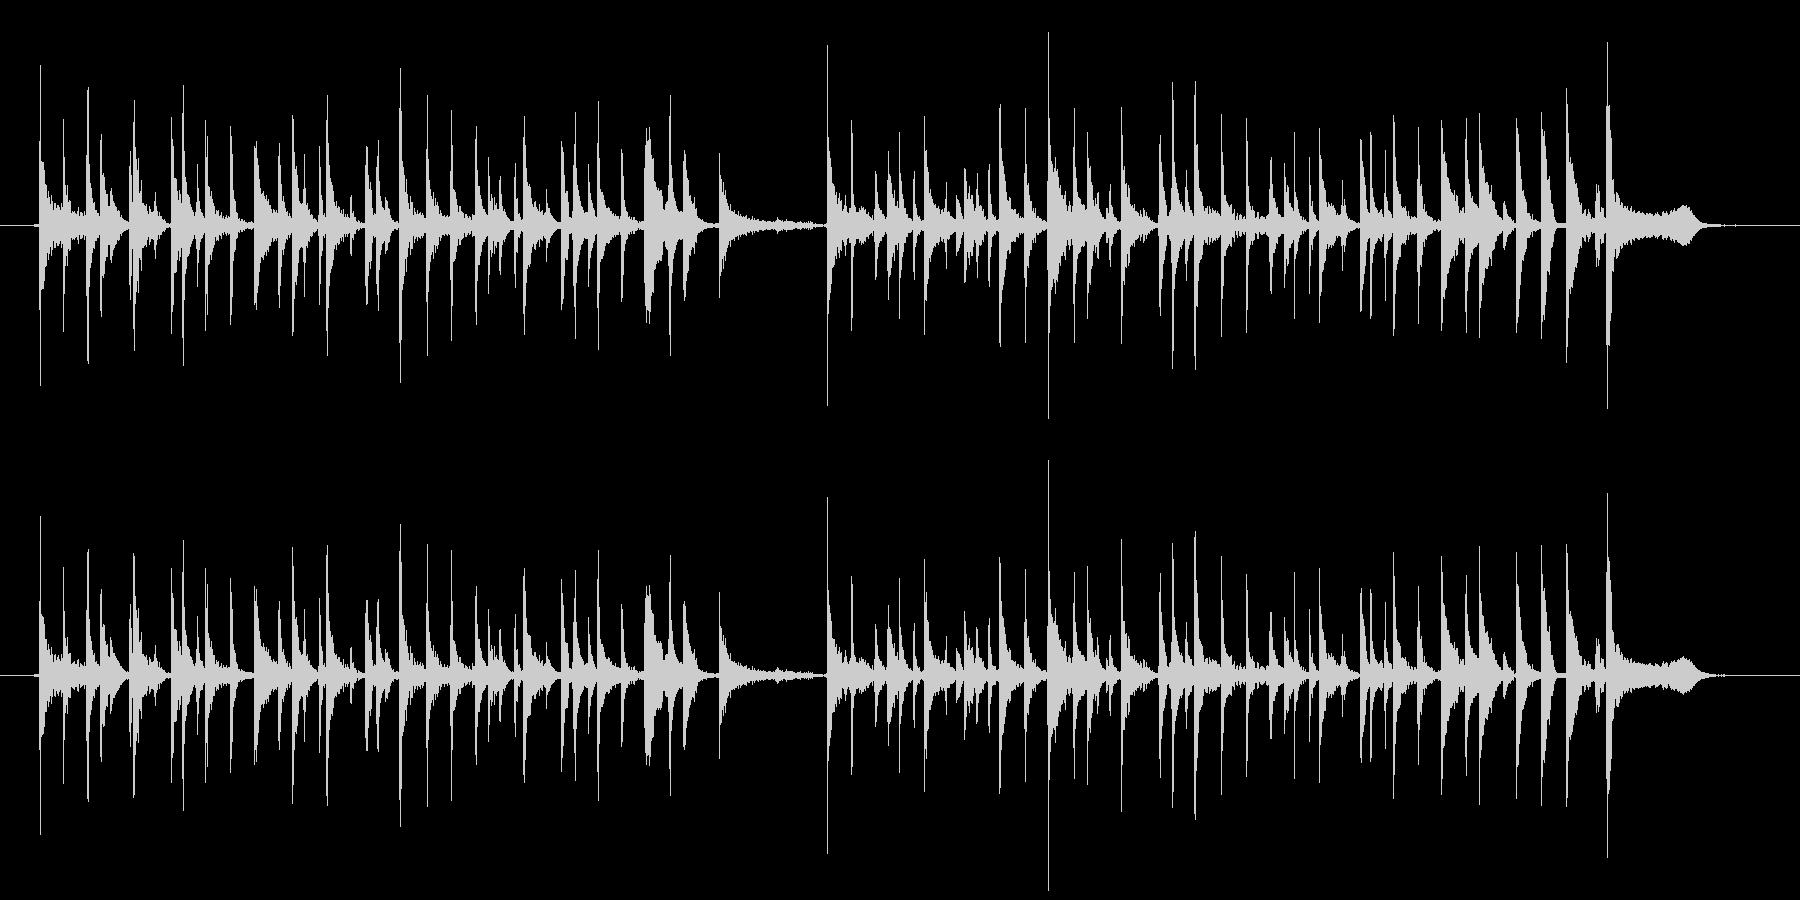 miyaviみたいなアコギ奏法の未再生の波形